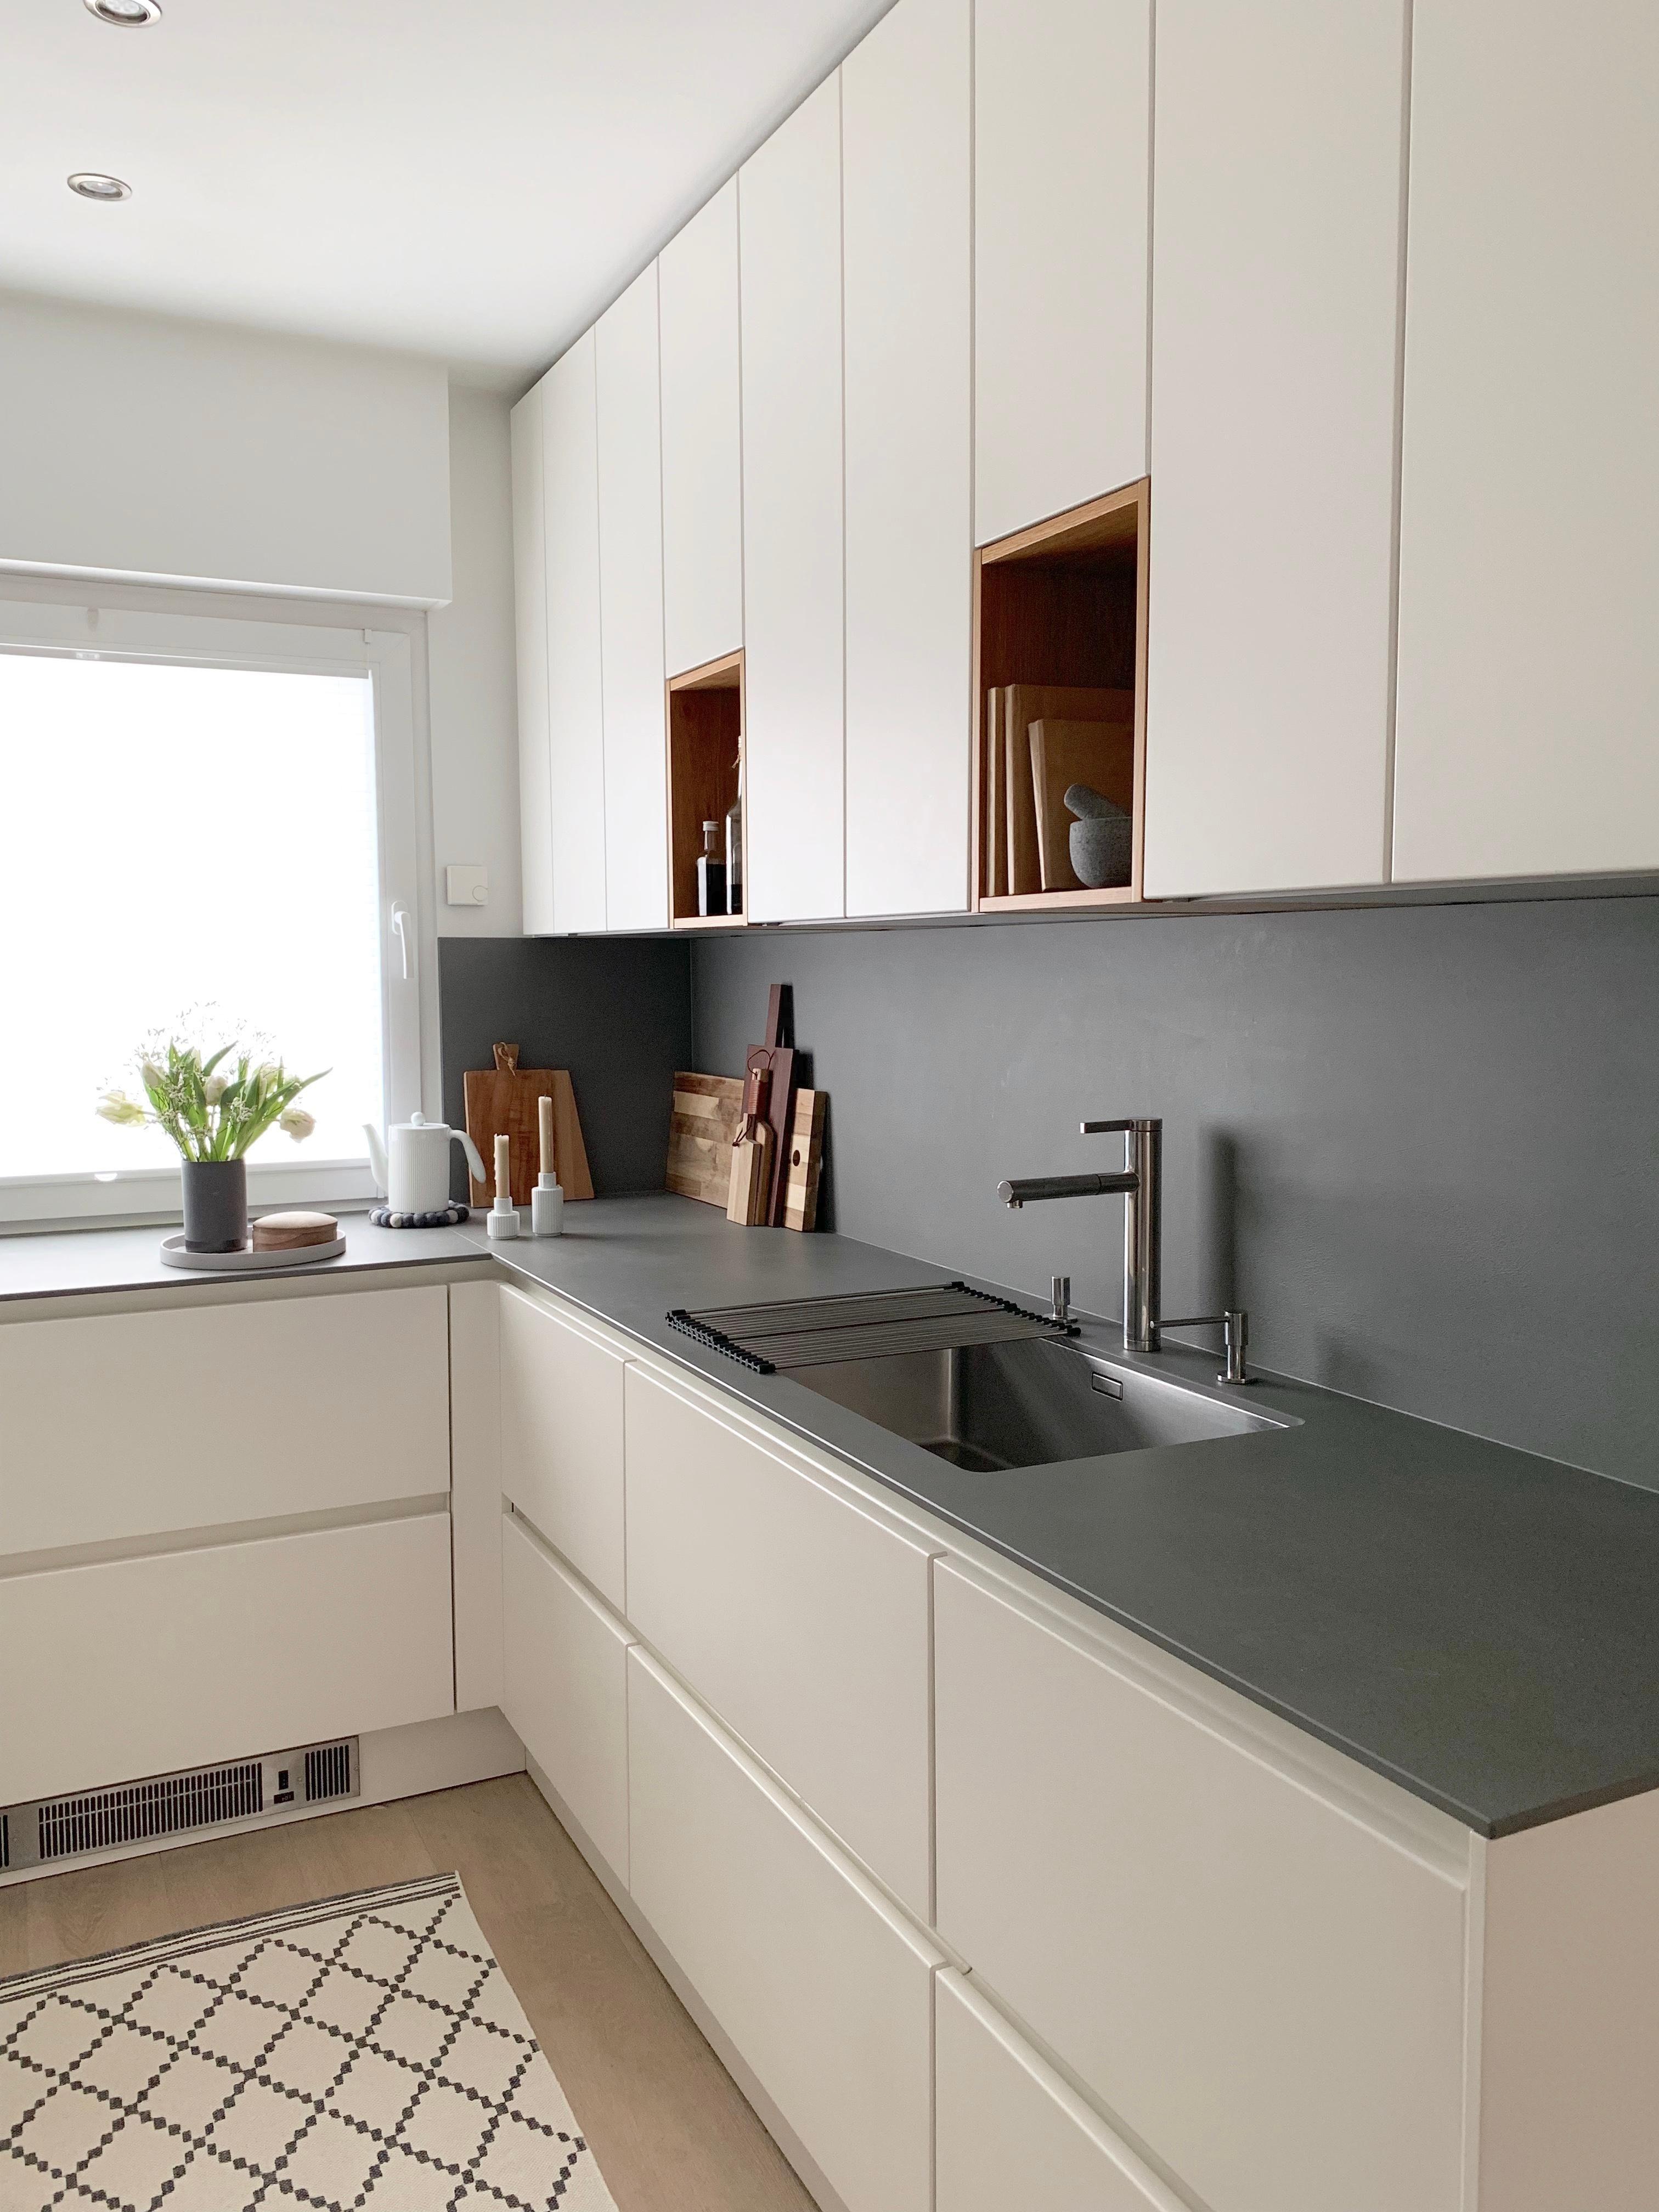 #kleineküche #kleinerraum #hängeschränke #küchenplan...